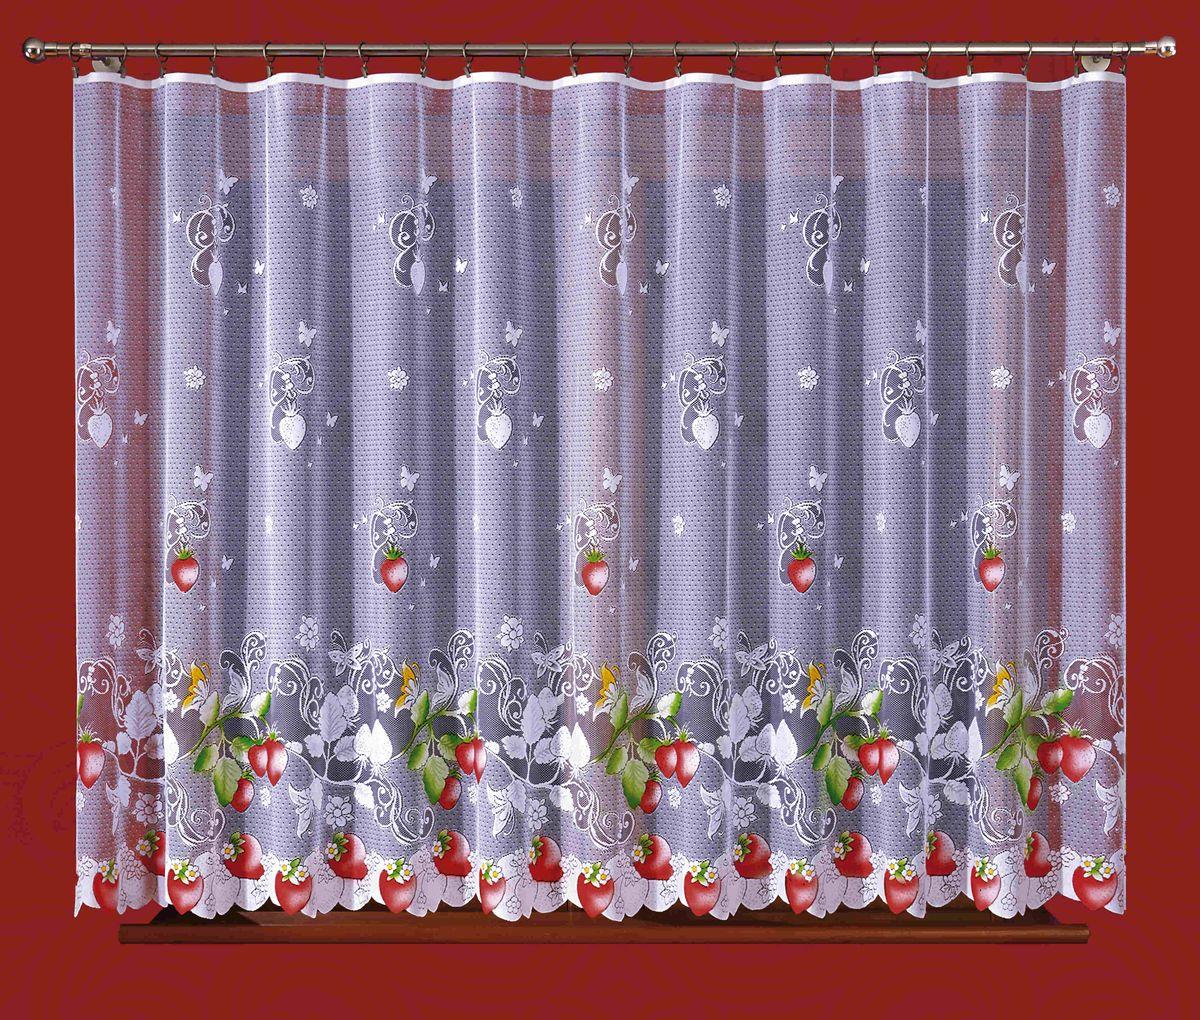 Гардина Wisan Клубника, цвет: белый, зеленый, красный, высота 150 смSVC-300Воздушная гардина Wisan Клубника, изготовленная из полиэстера, станет великолепным украшением любого окна. Оригинальный принт в виде клубничек и приятная цветовая гамма привлекут к себе внимание и органично впишутся в интерьер комнаты. Оригинальное оформление гардины внесет разнообразие и подарит заряд положительного настроения.Верхняя часть гардины не оснащена креплениями.